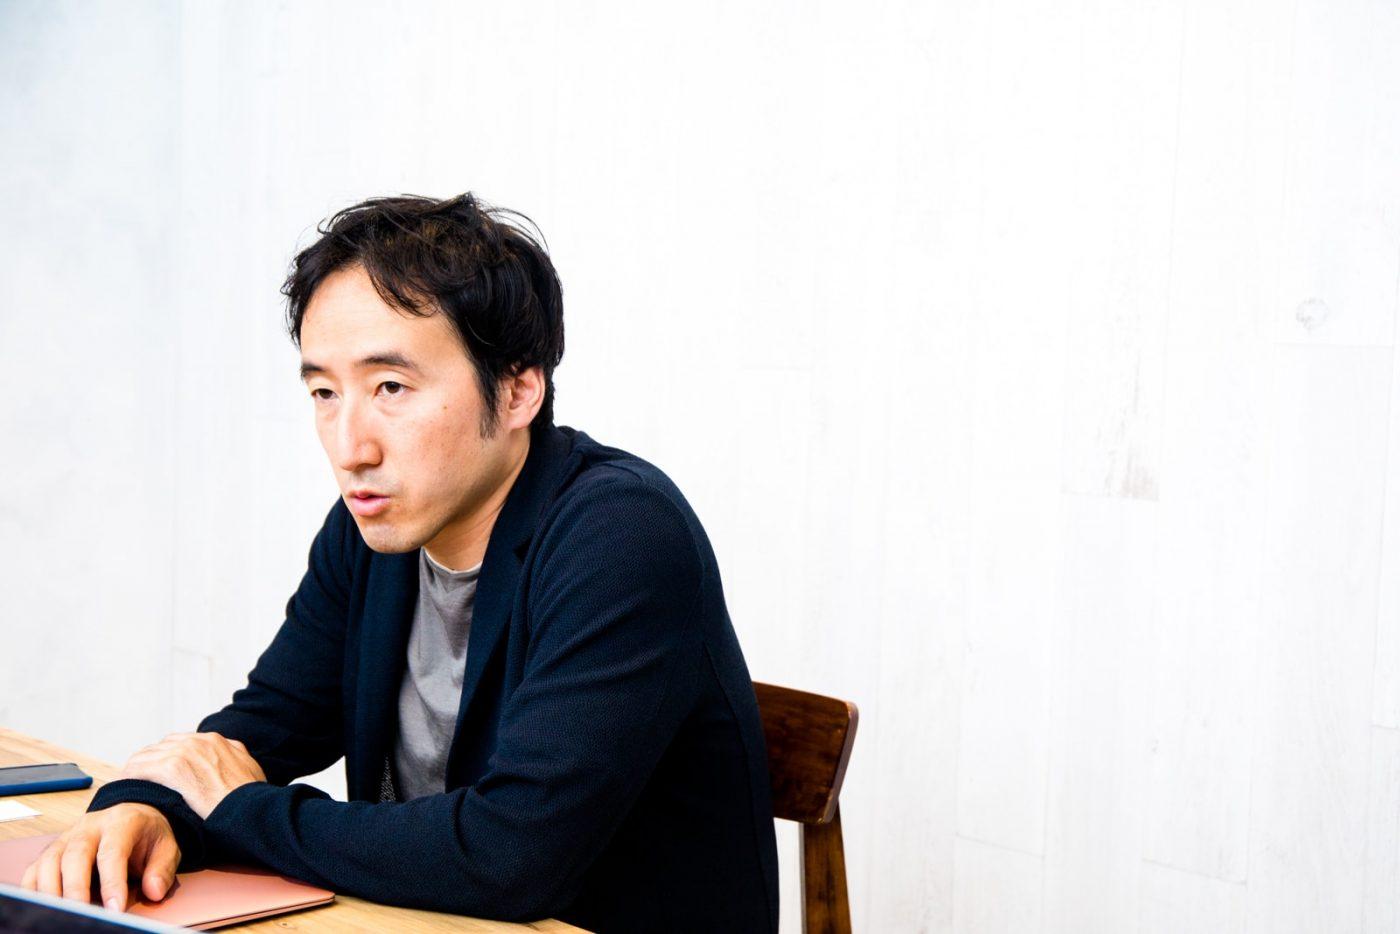 ヤプリ 庵原保文CEO 起業の準備期間